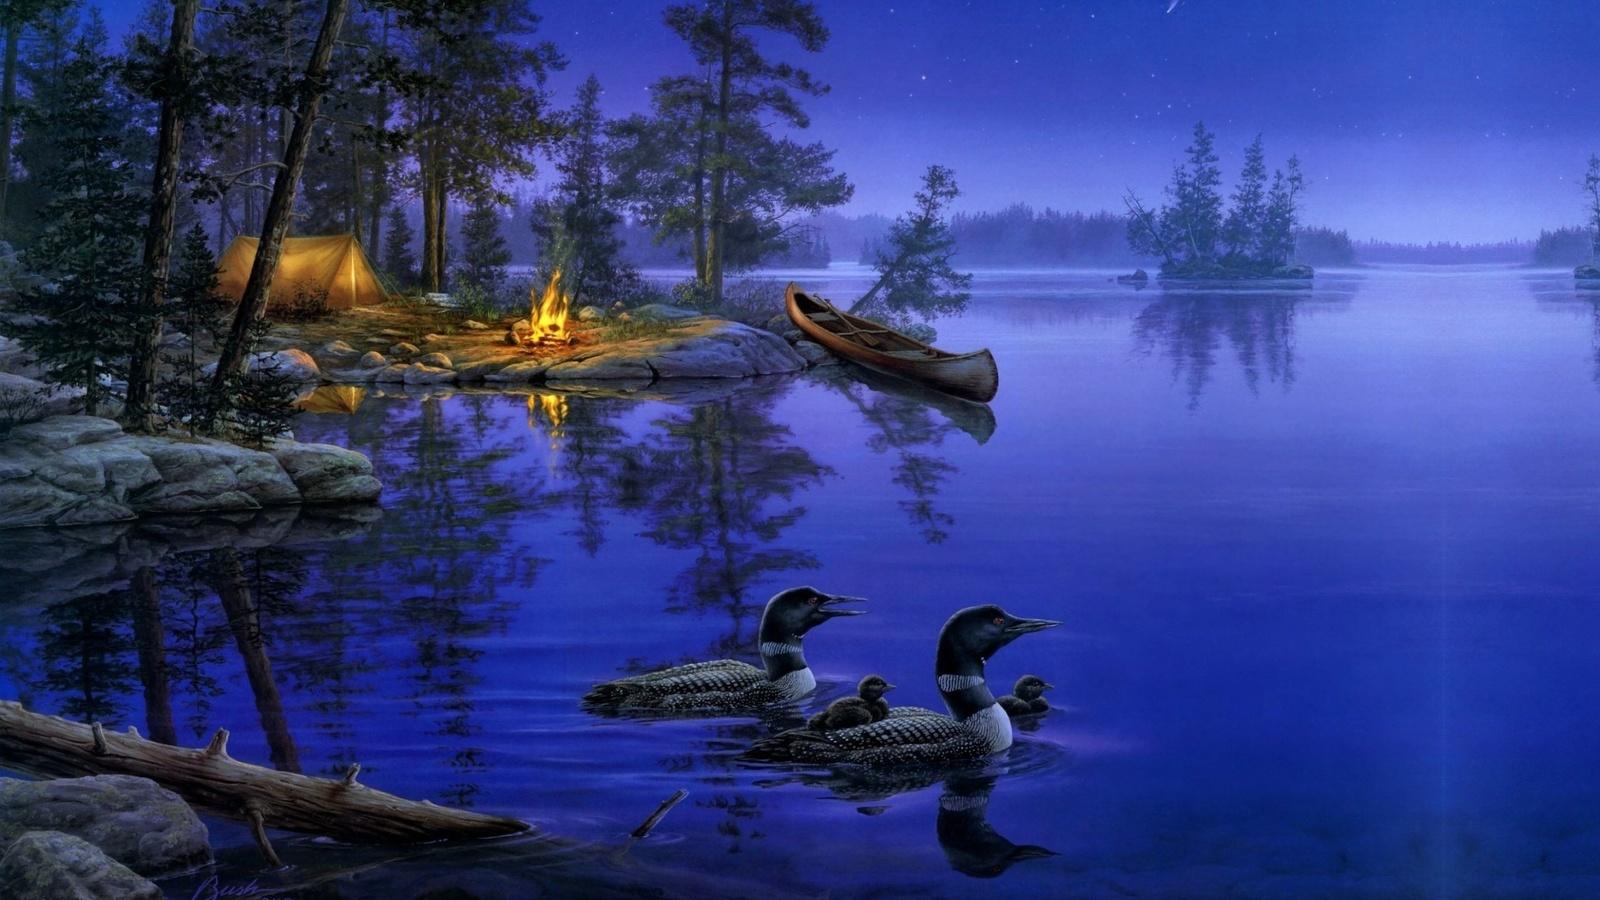 природа обои, пейзаж